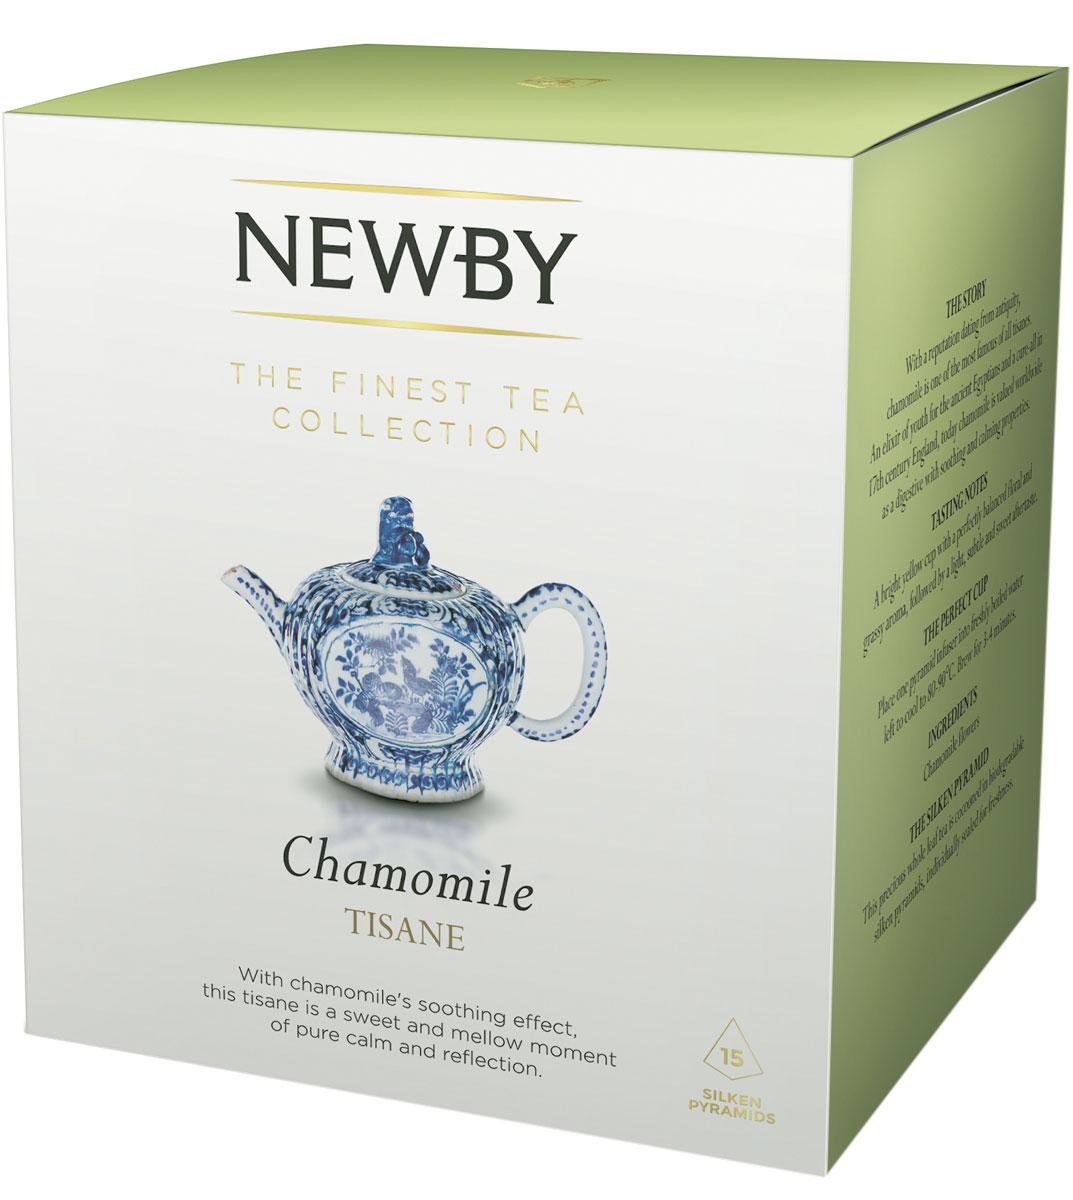 Newby Chamomile травяной чай в пирамидках, 15 штTALTHB-DP0025Newby Chamomile - успокаивающий травяной чай из цельных цветов ромашки. Настой с ароматом луга и послевкусием сушеных яблок. Каждая пирамидка упакована в индивидуальное саше из алюминиевой фольги для сохранения свежести чайного листа.